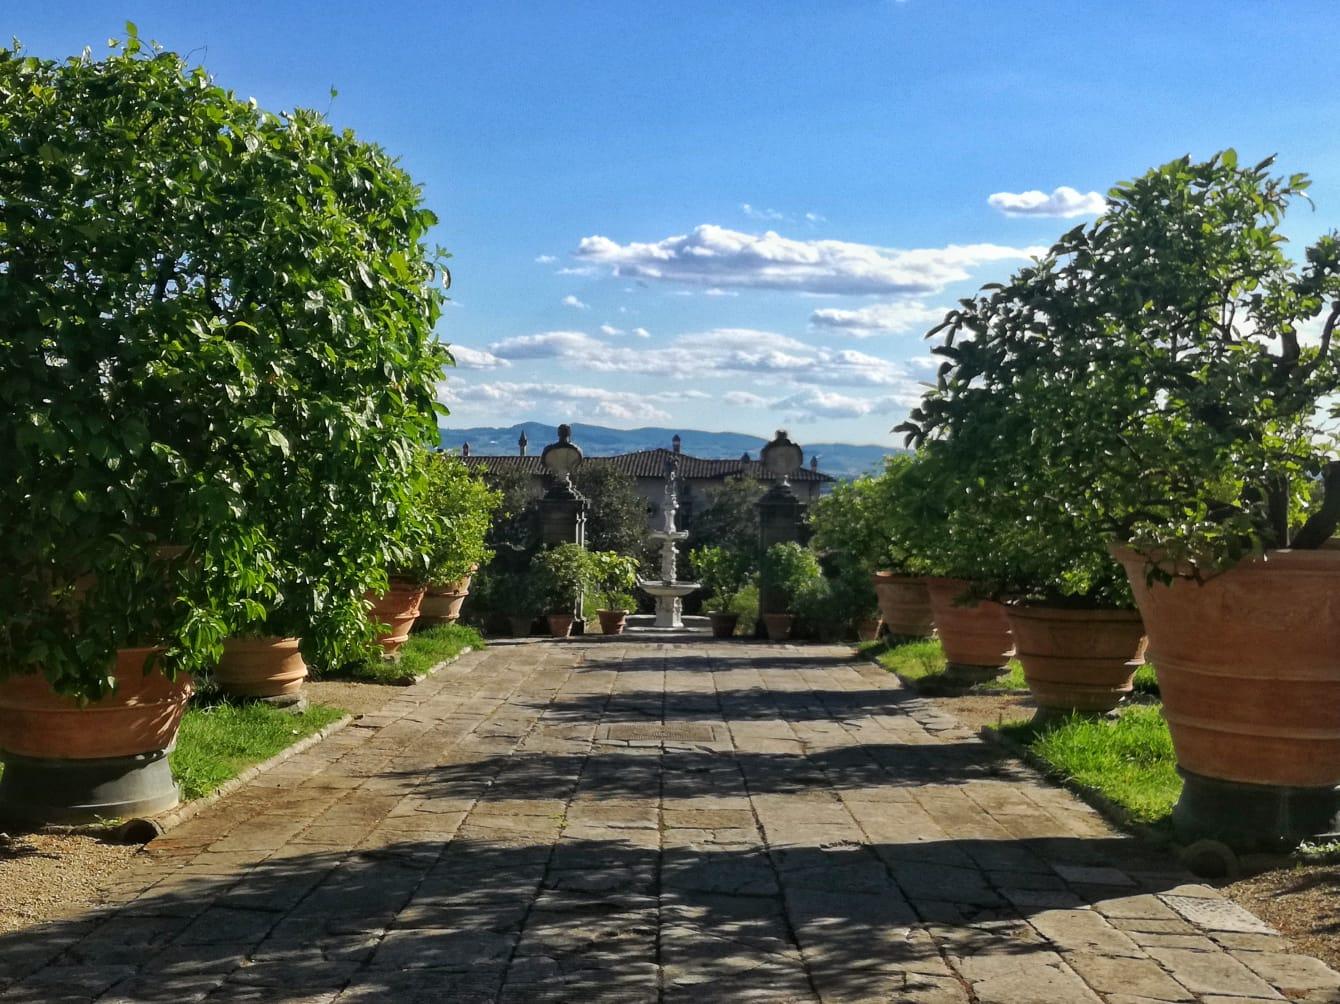 agrumi medicei giardino di castello